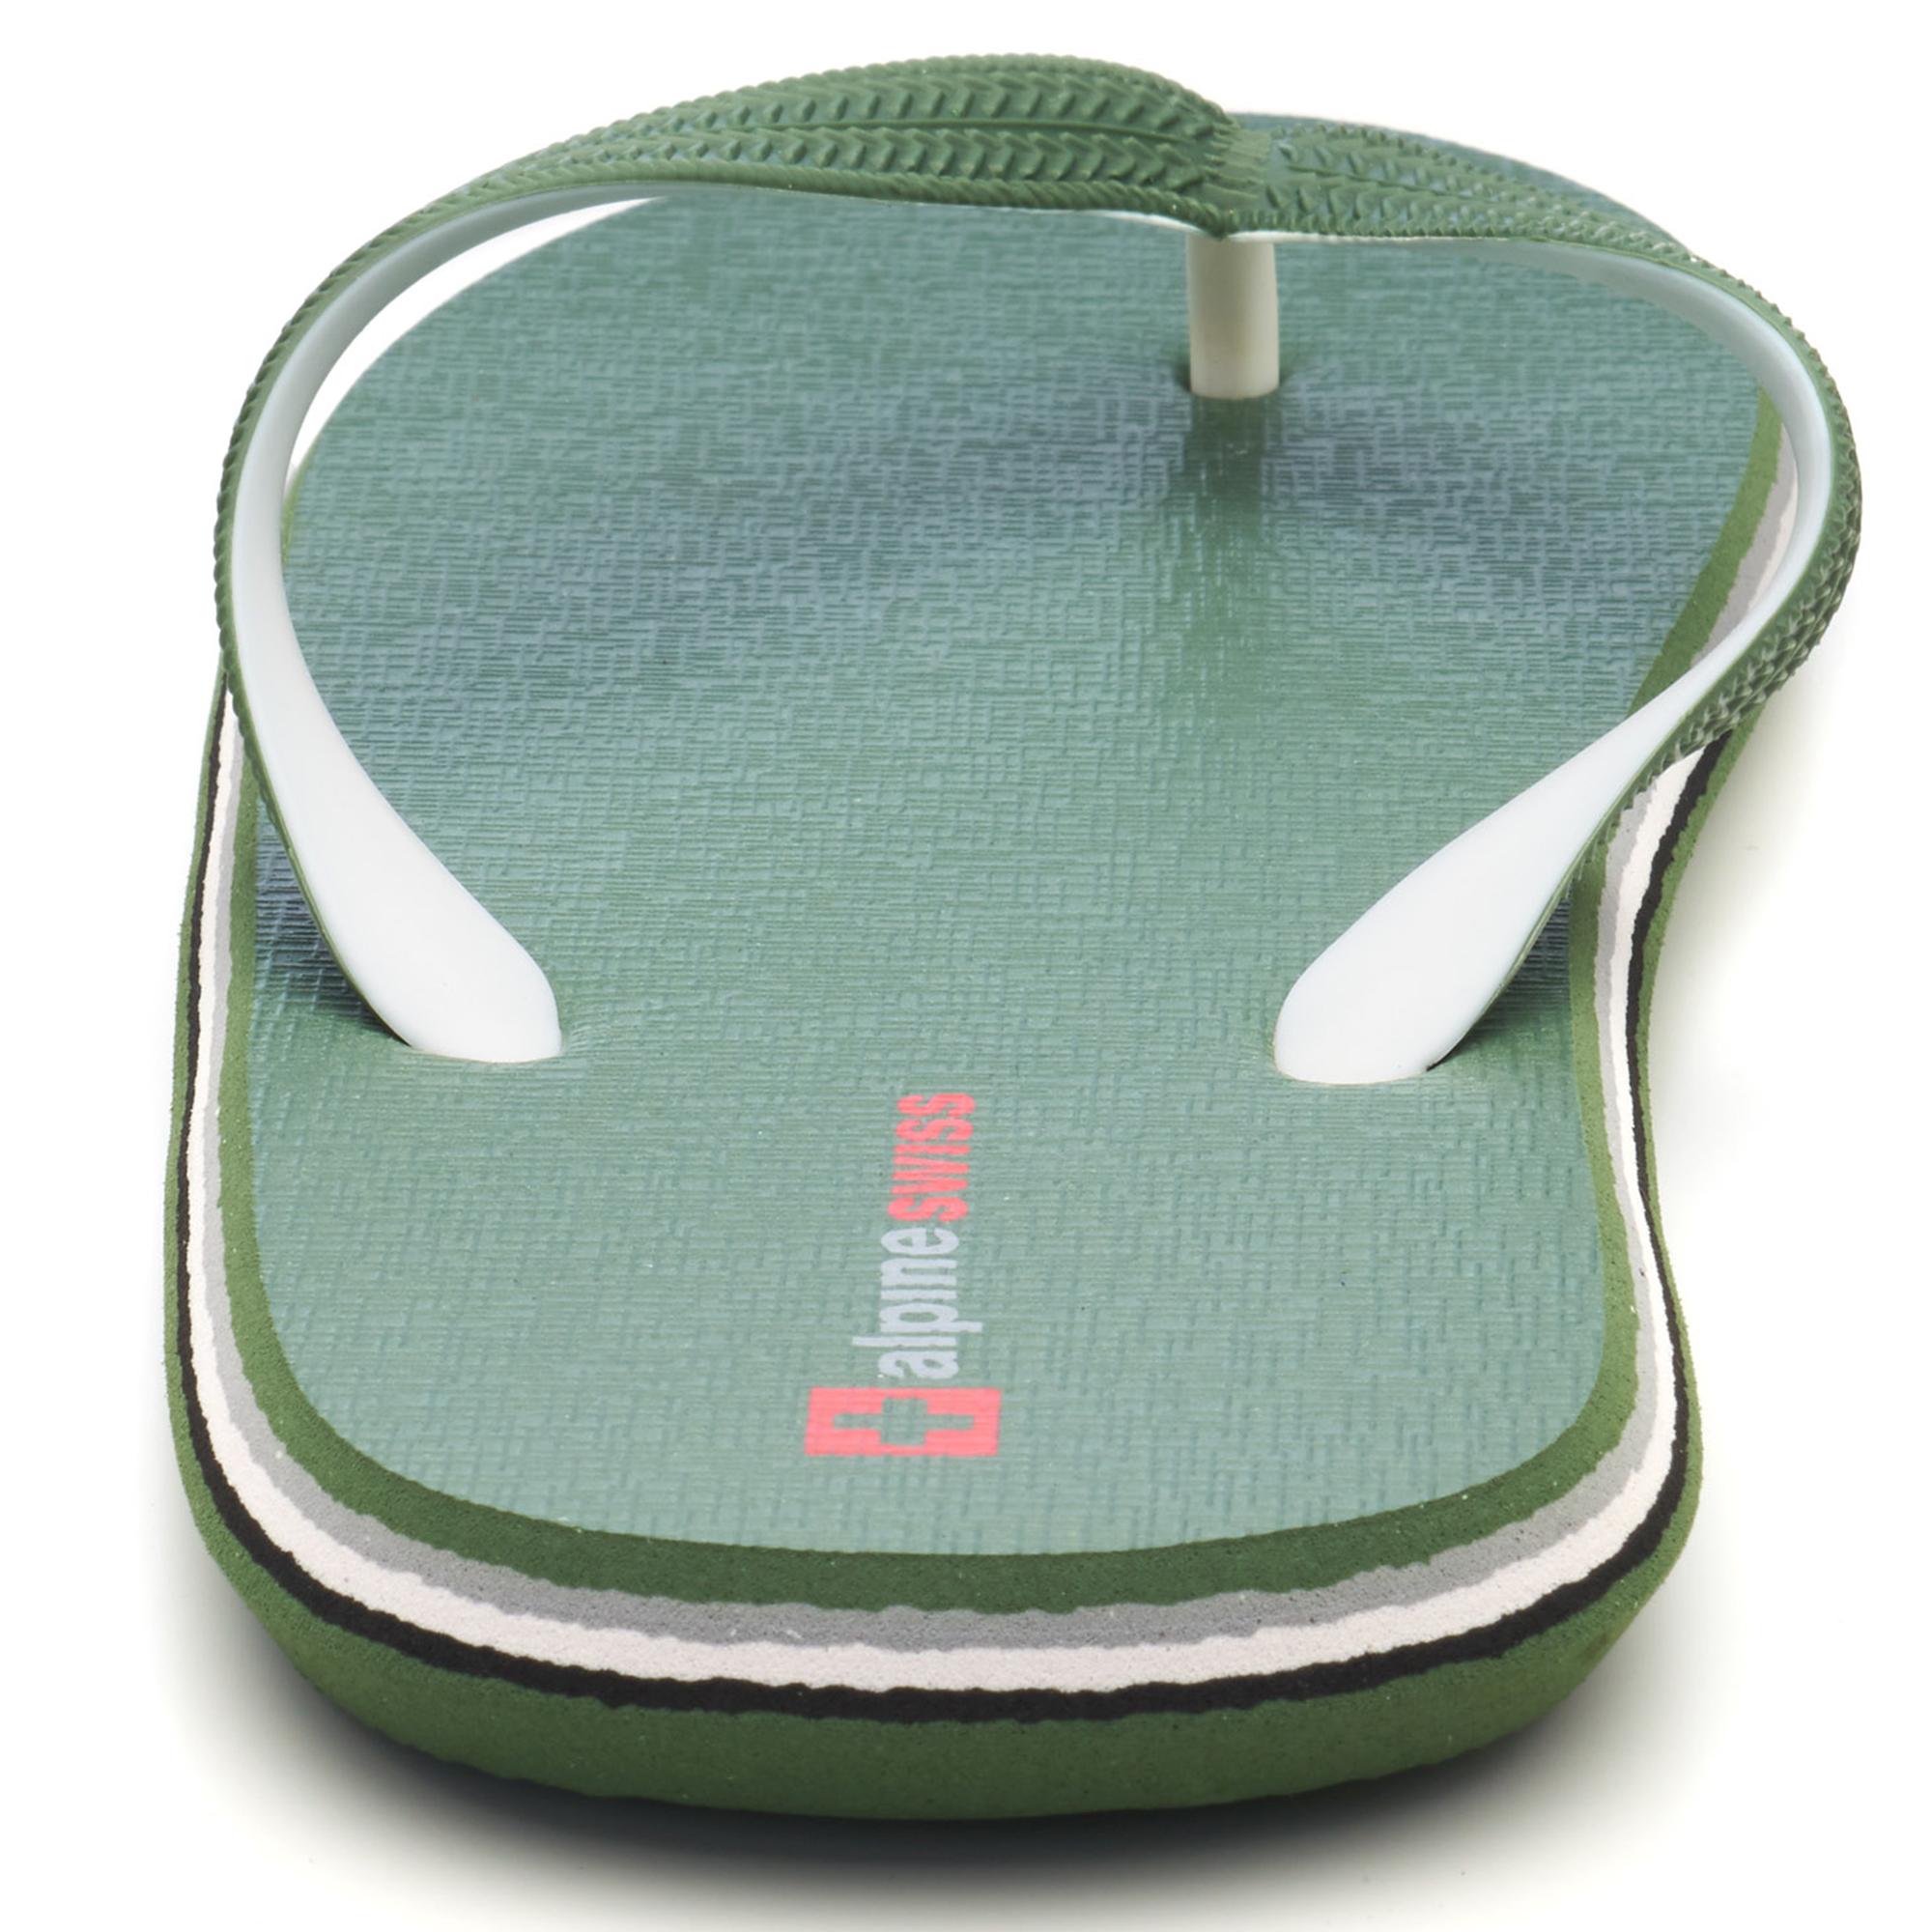 Alpine-Swiss-Mens-Flip-Flops-Beach-Sandals-Lightweight-EVA-Sole-Comfort-Thongs thumbnail 42